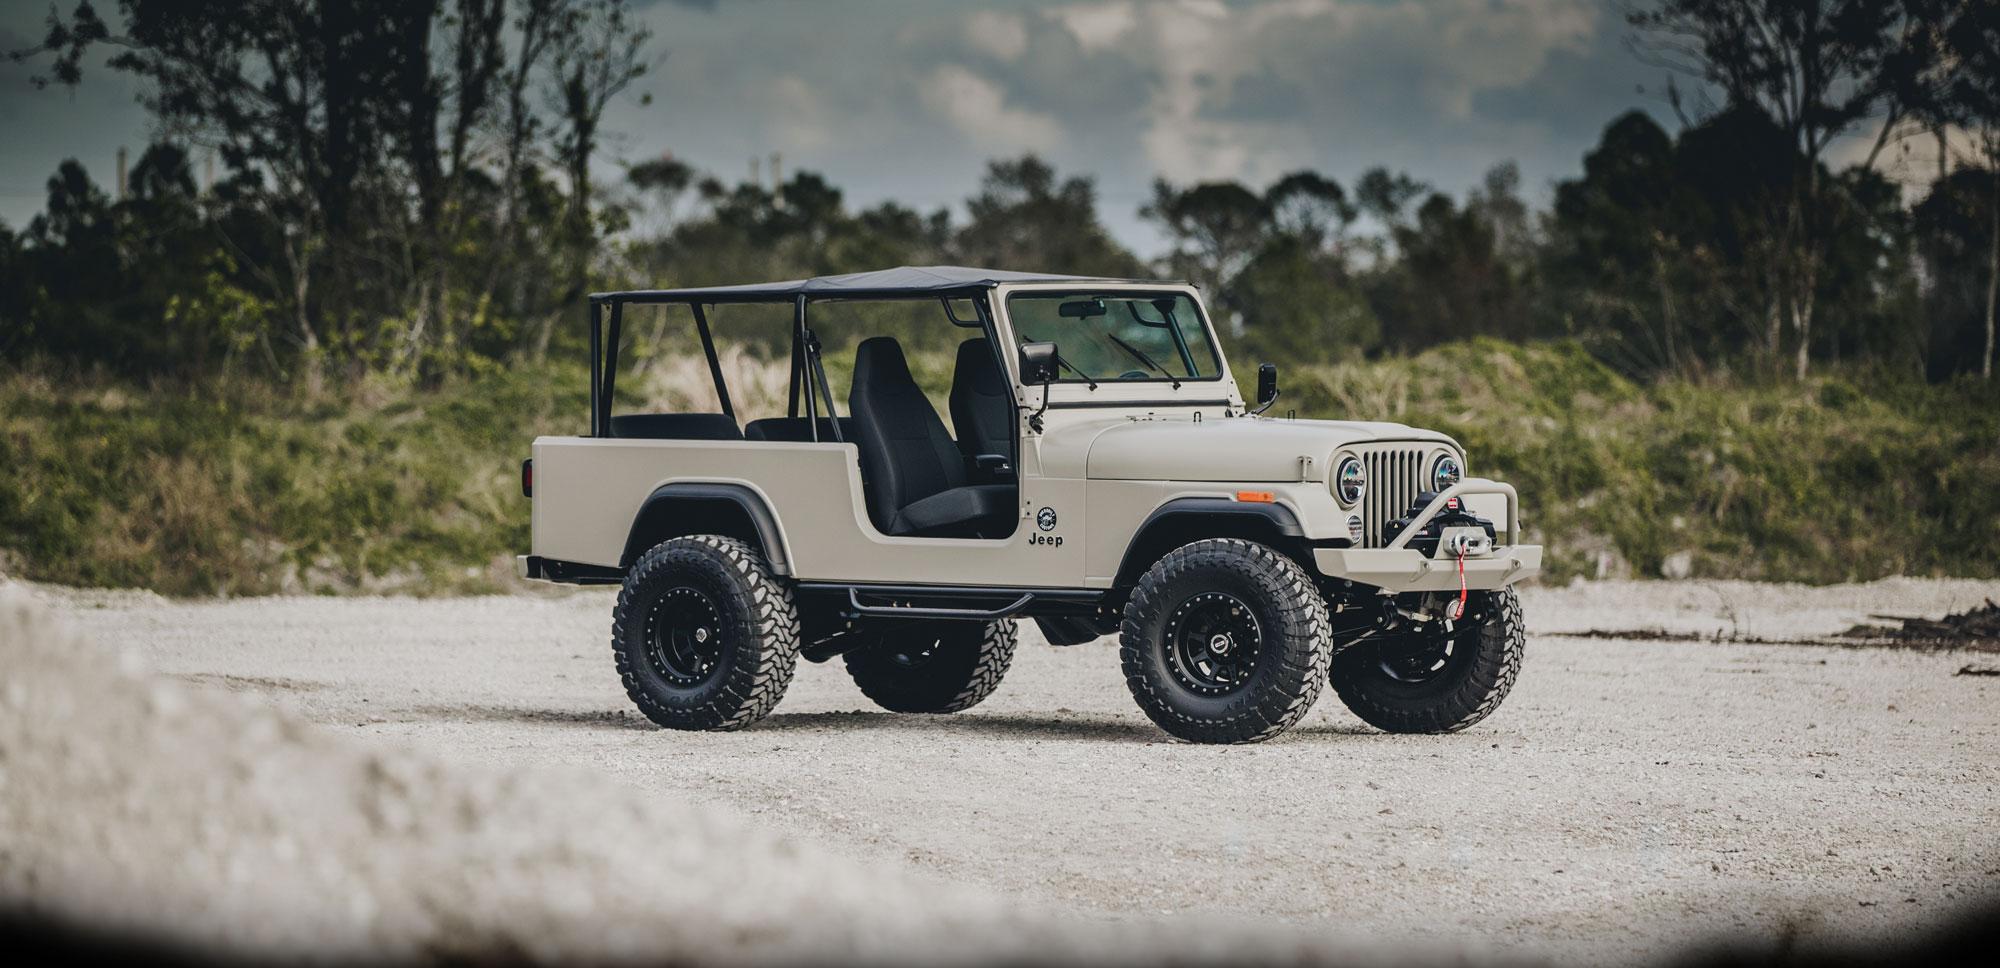 Overbuilt jeep restoration